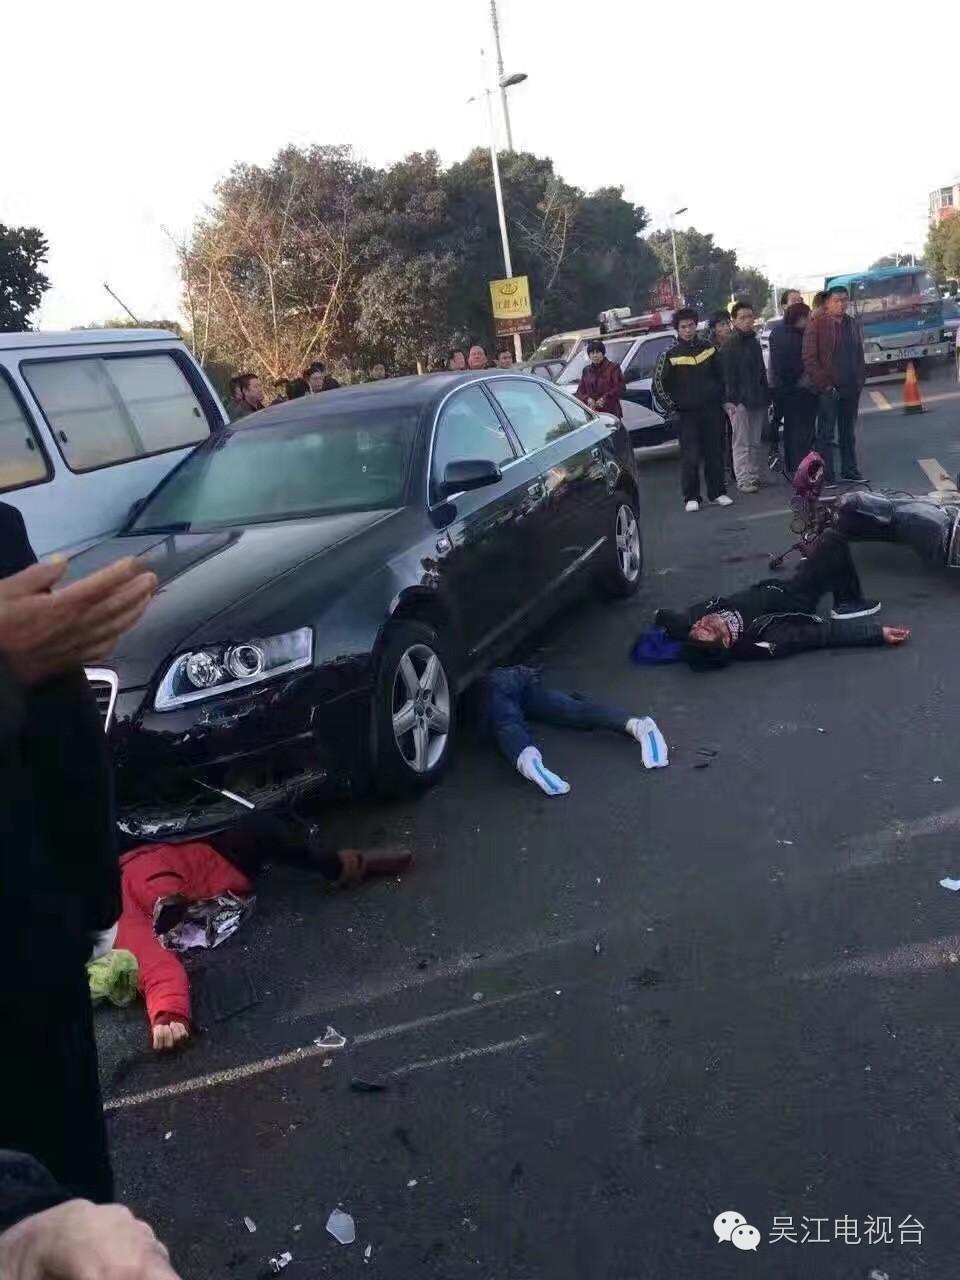 昨天早上,小编朋友圈被一起交通事故刷屏了 从事故现场的照片来看